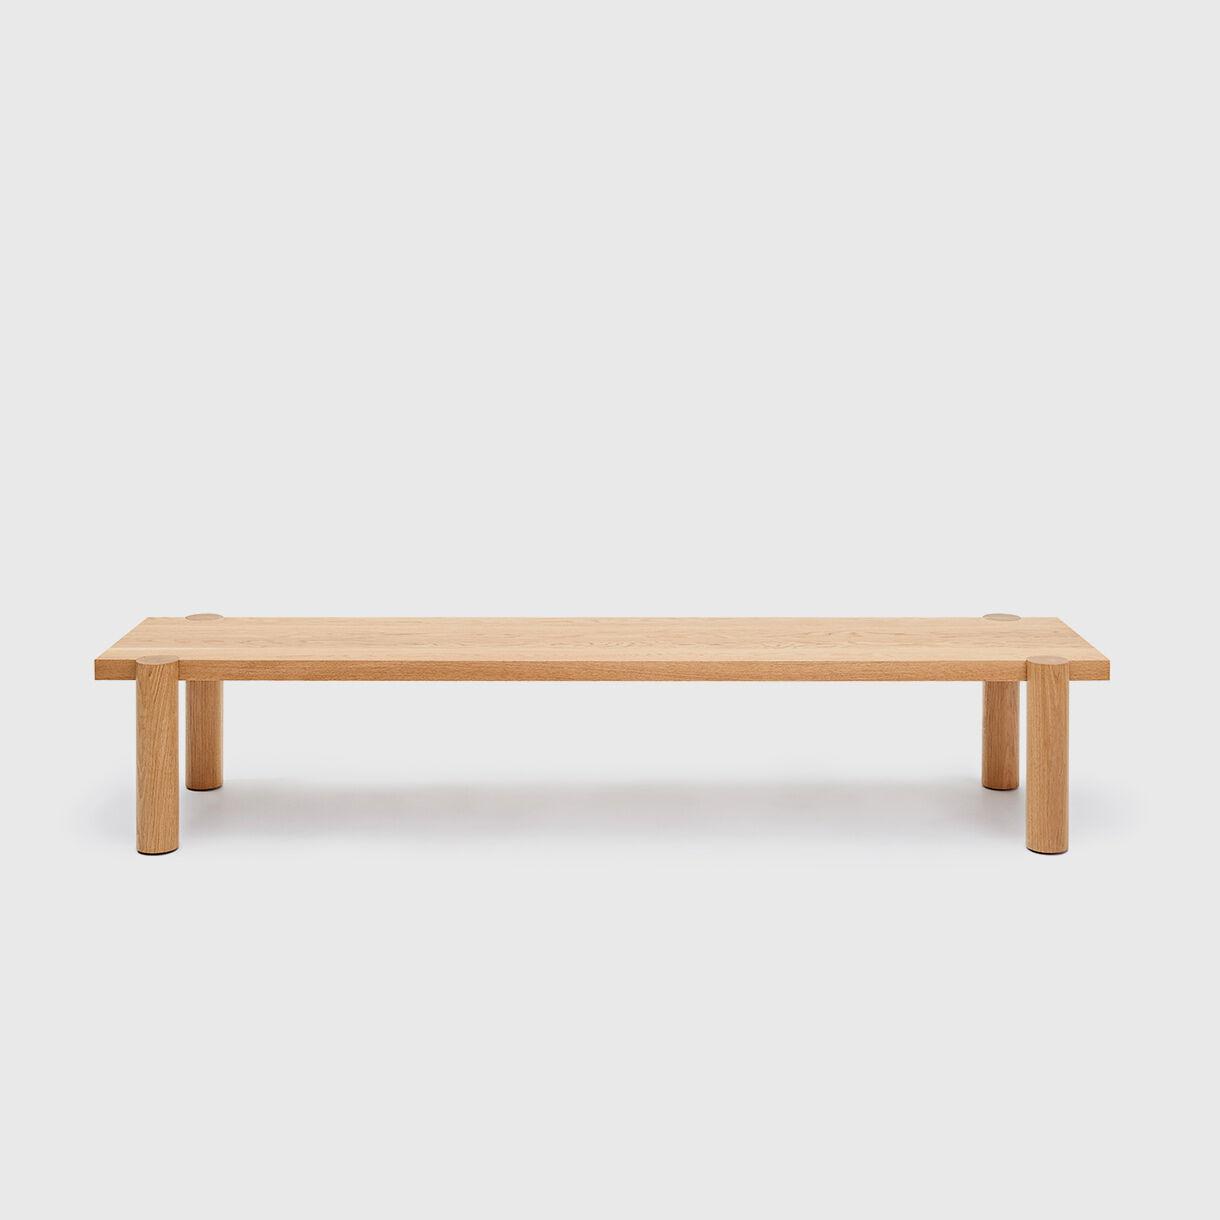 Breadstick Gallery Bench, American Oak